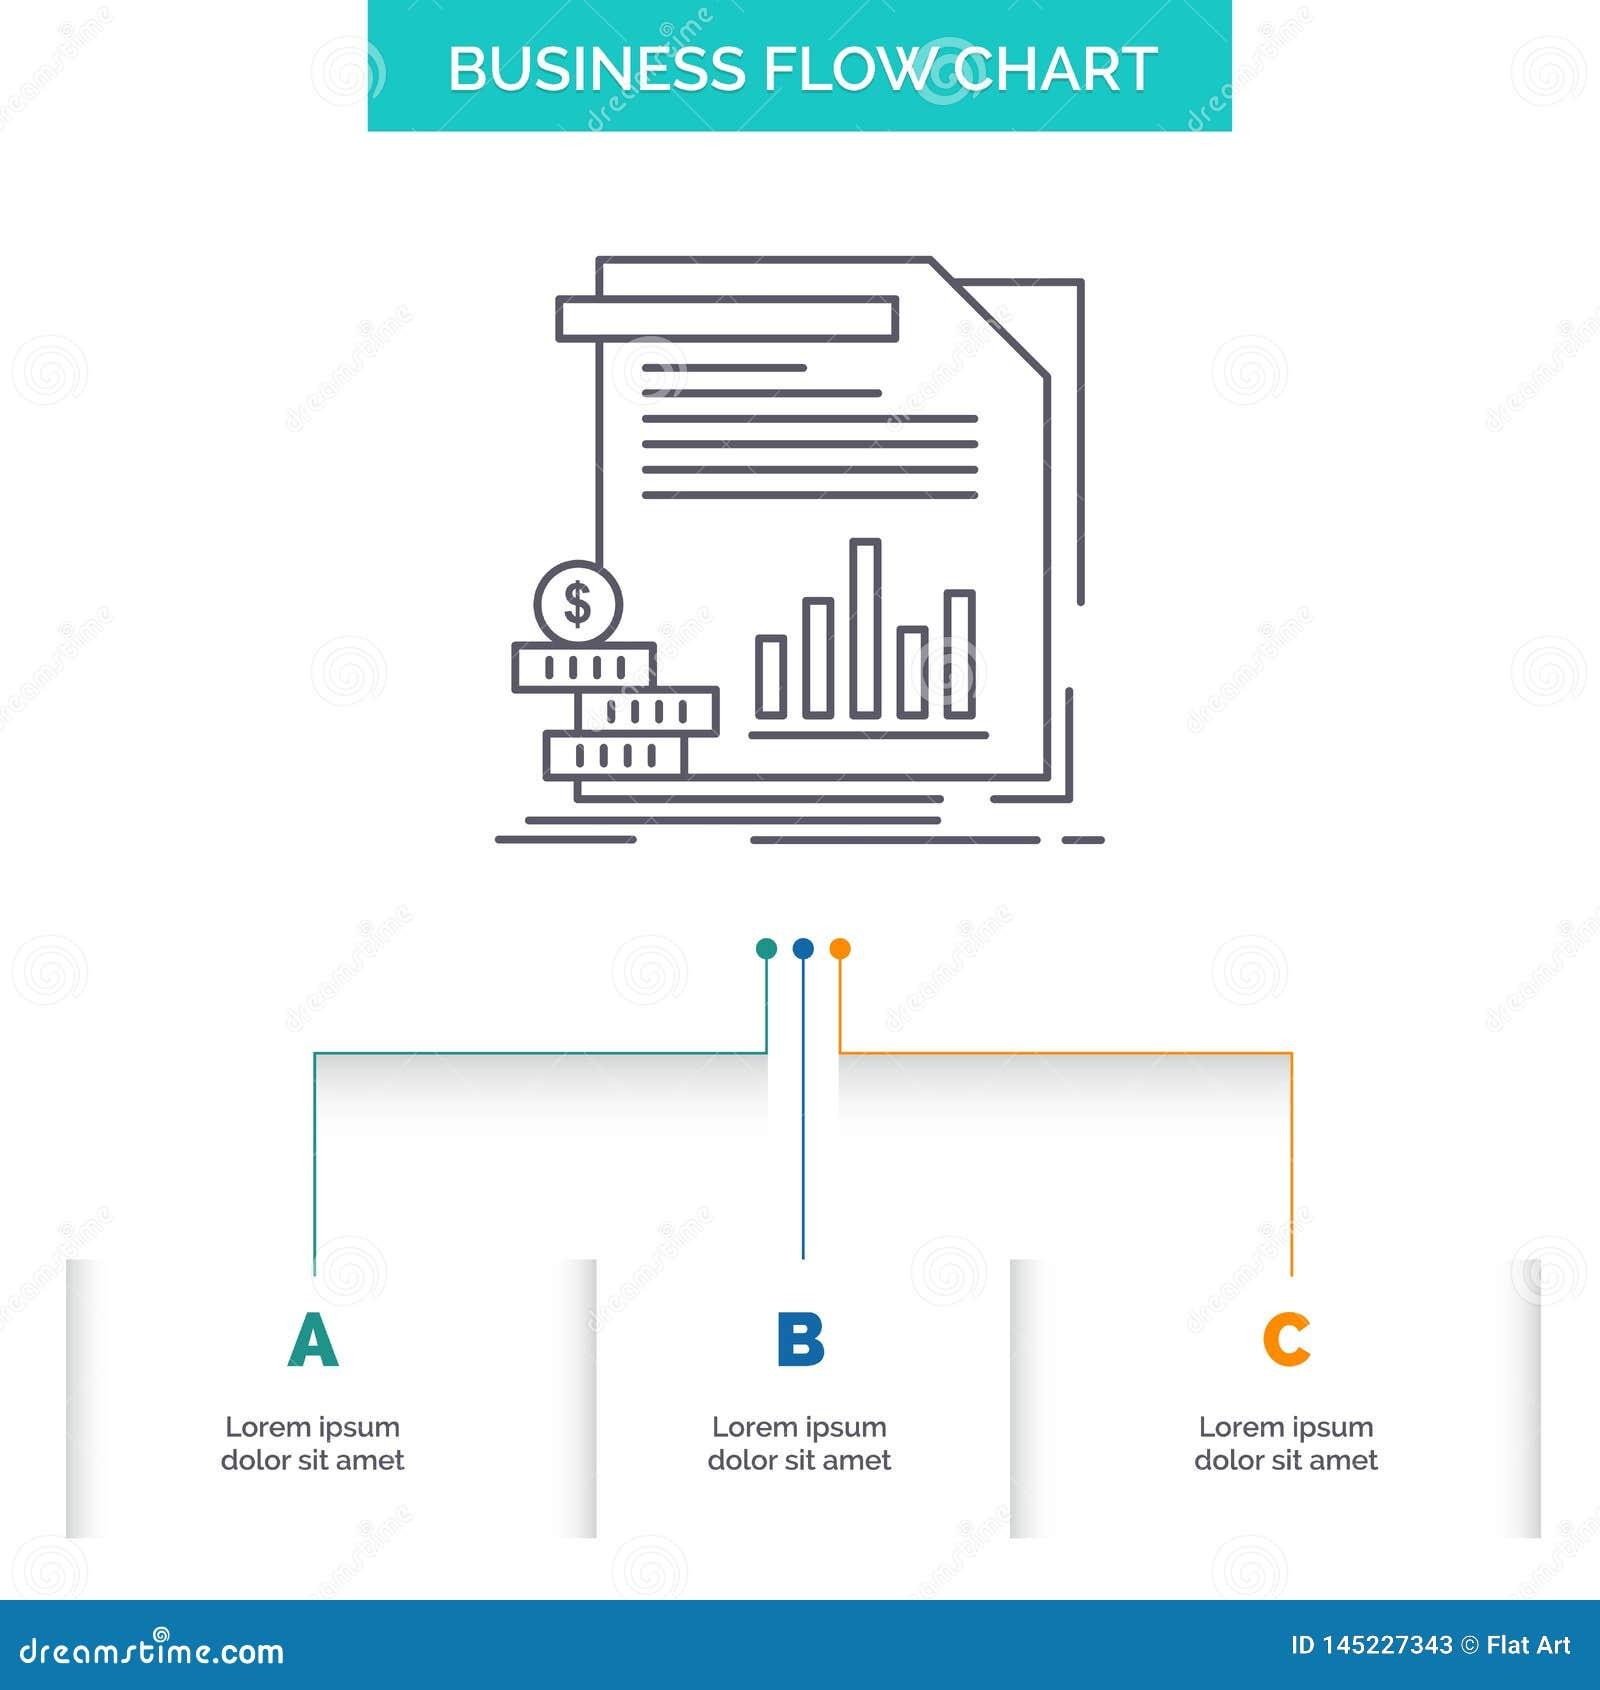 économie, finances, argent, l information, conception d organigramme d affaires de rapports avec 3 étapes Ligne ic?ne pour le fon